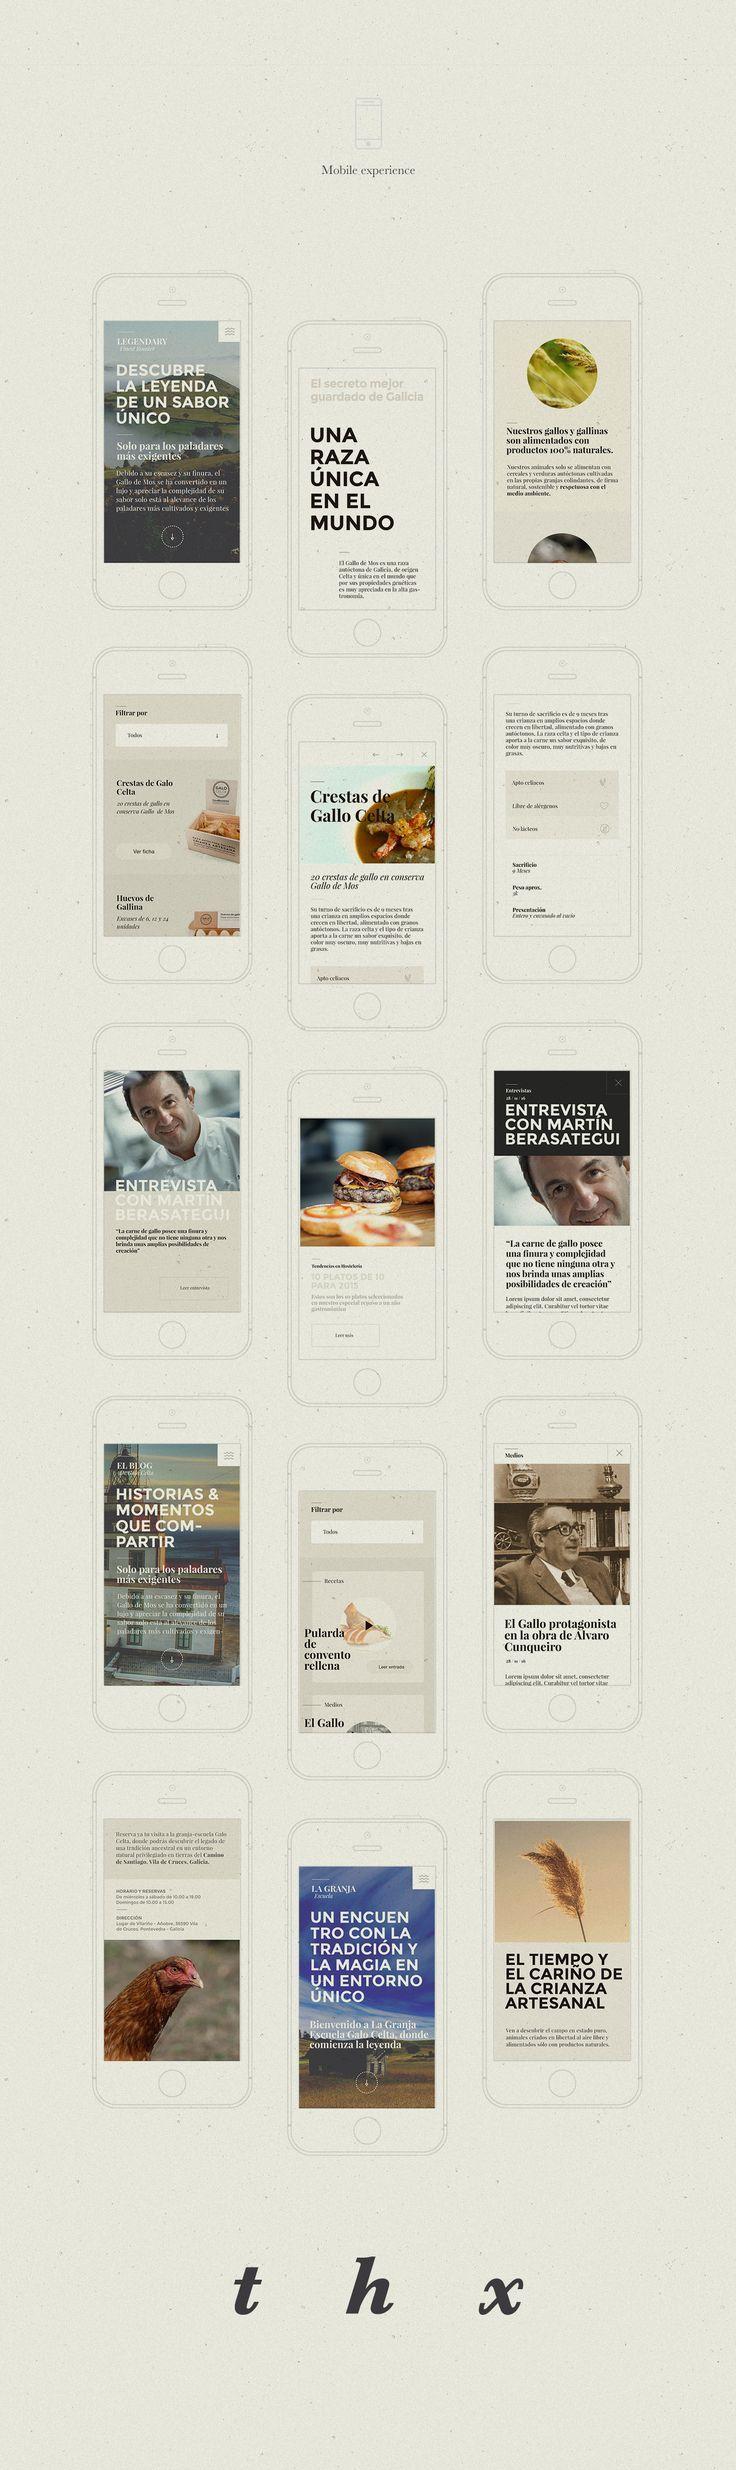 Web Design for Galo Celta PPT